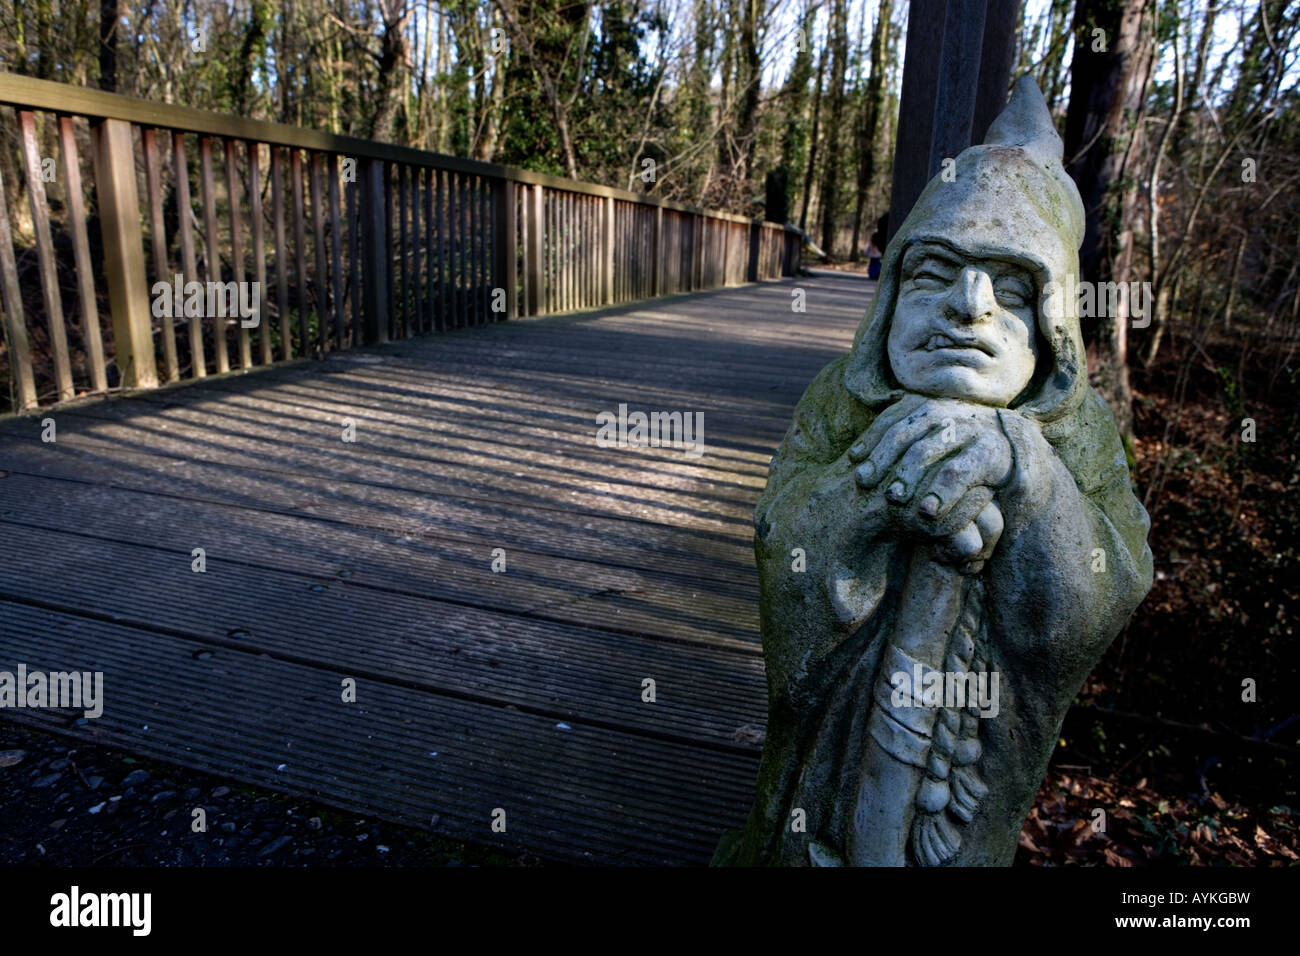 Texte: Mondo verde parc de loisirs Pays-bas Mondo Verde Banque D'Images